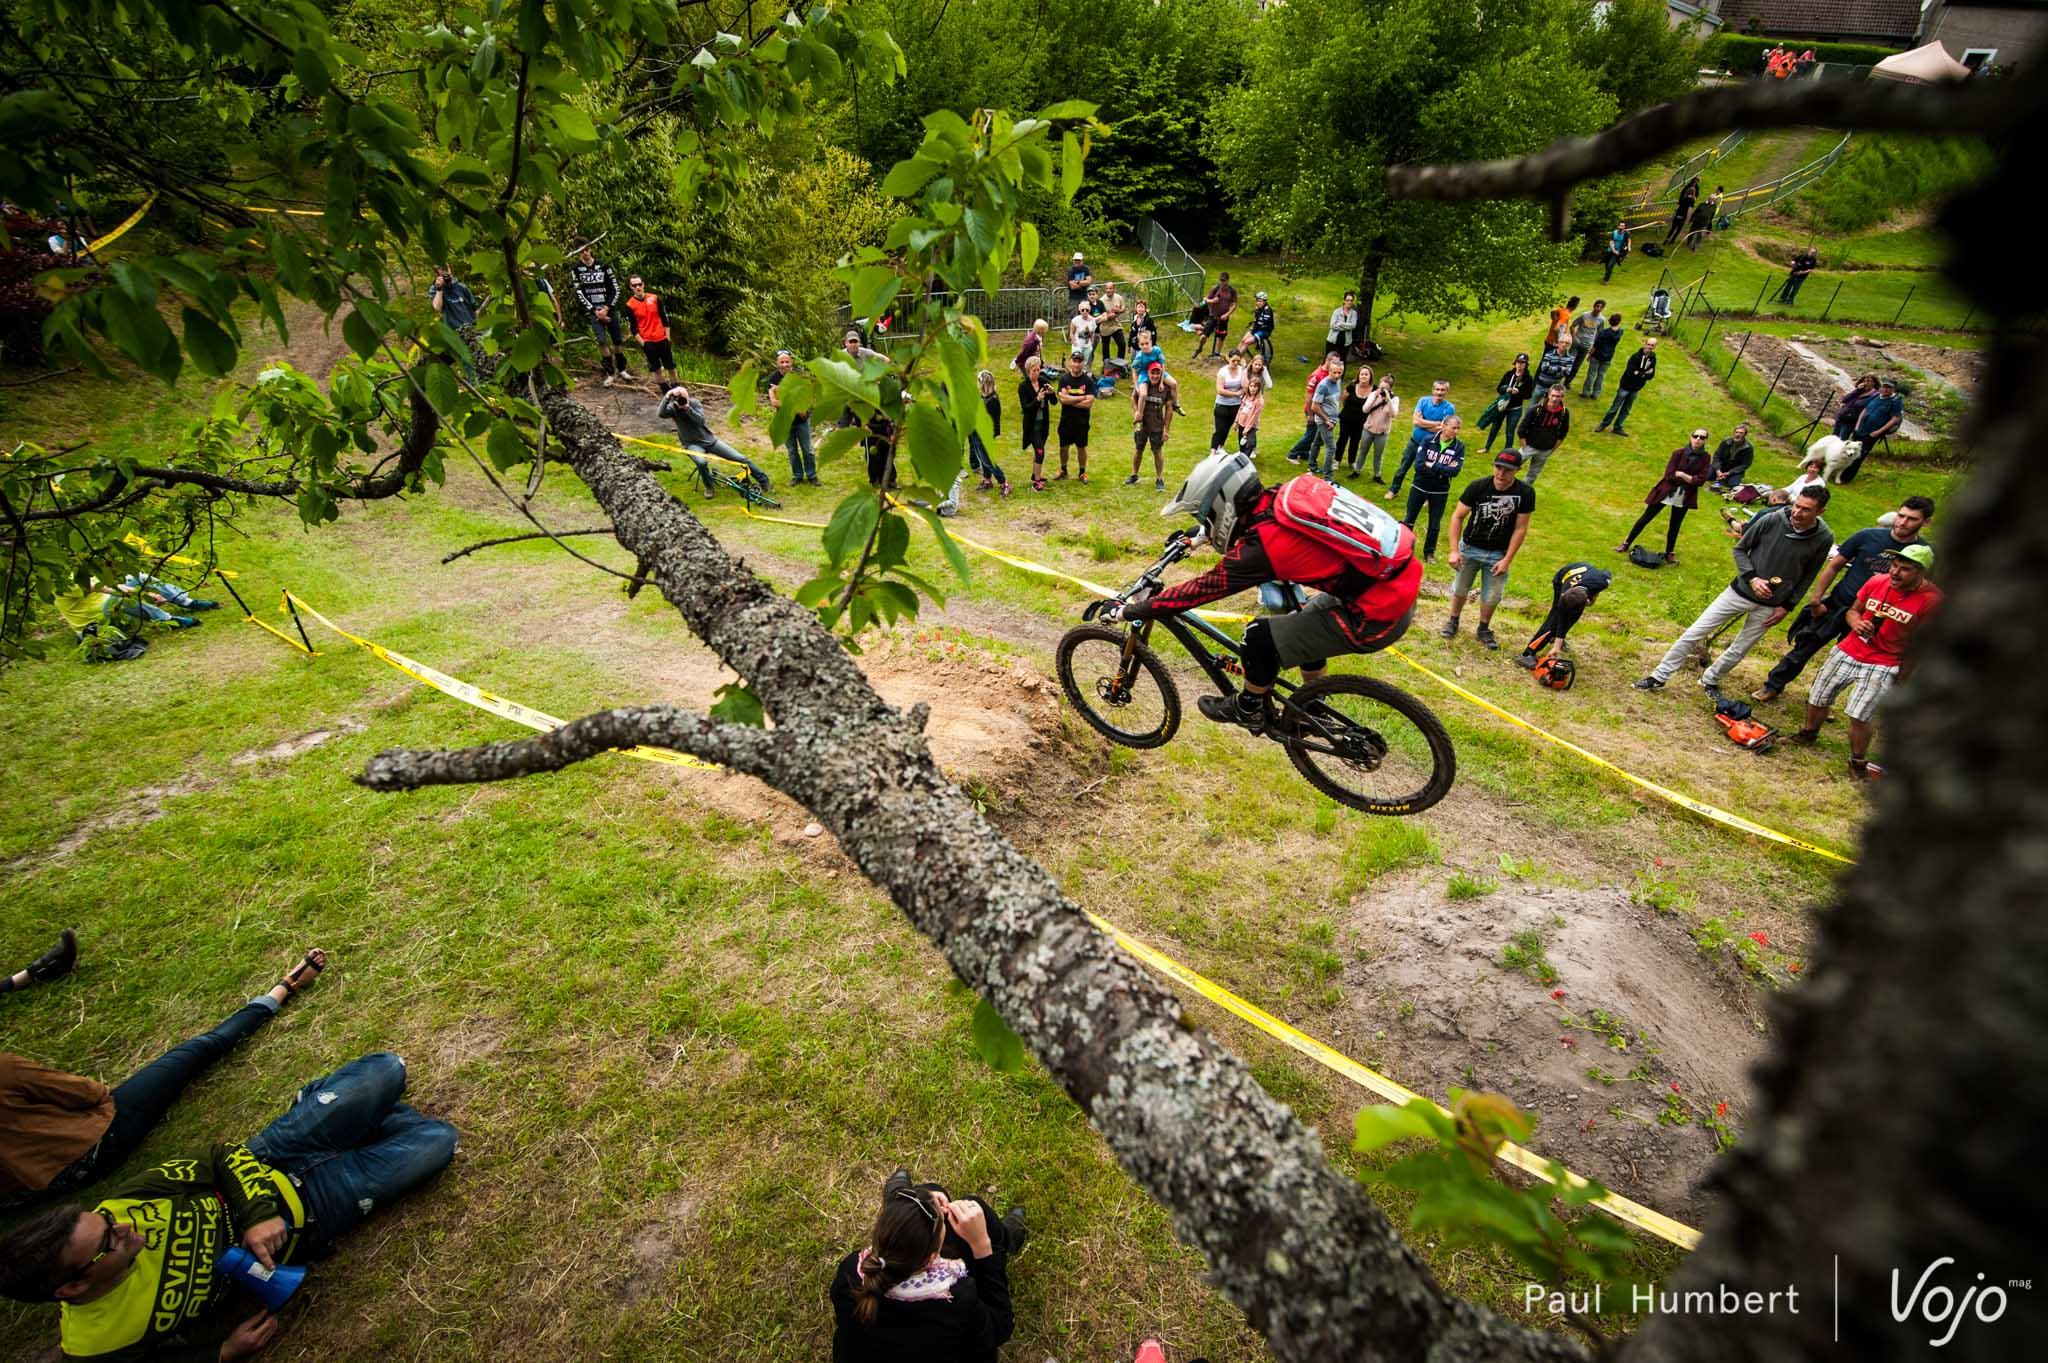 Raon-l-etape-vojo-2016-paul-humbert-89